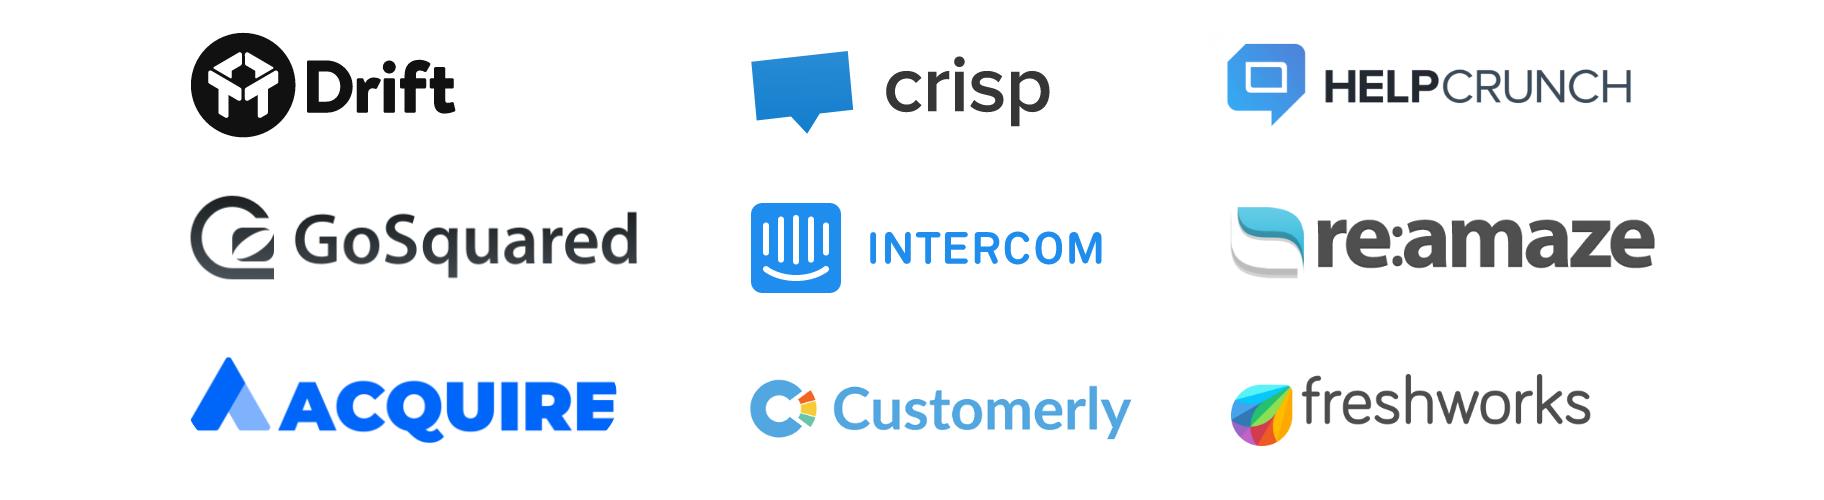 intercom alternatives 2019